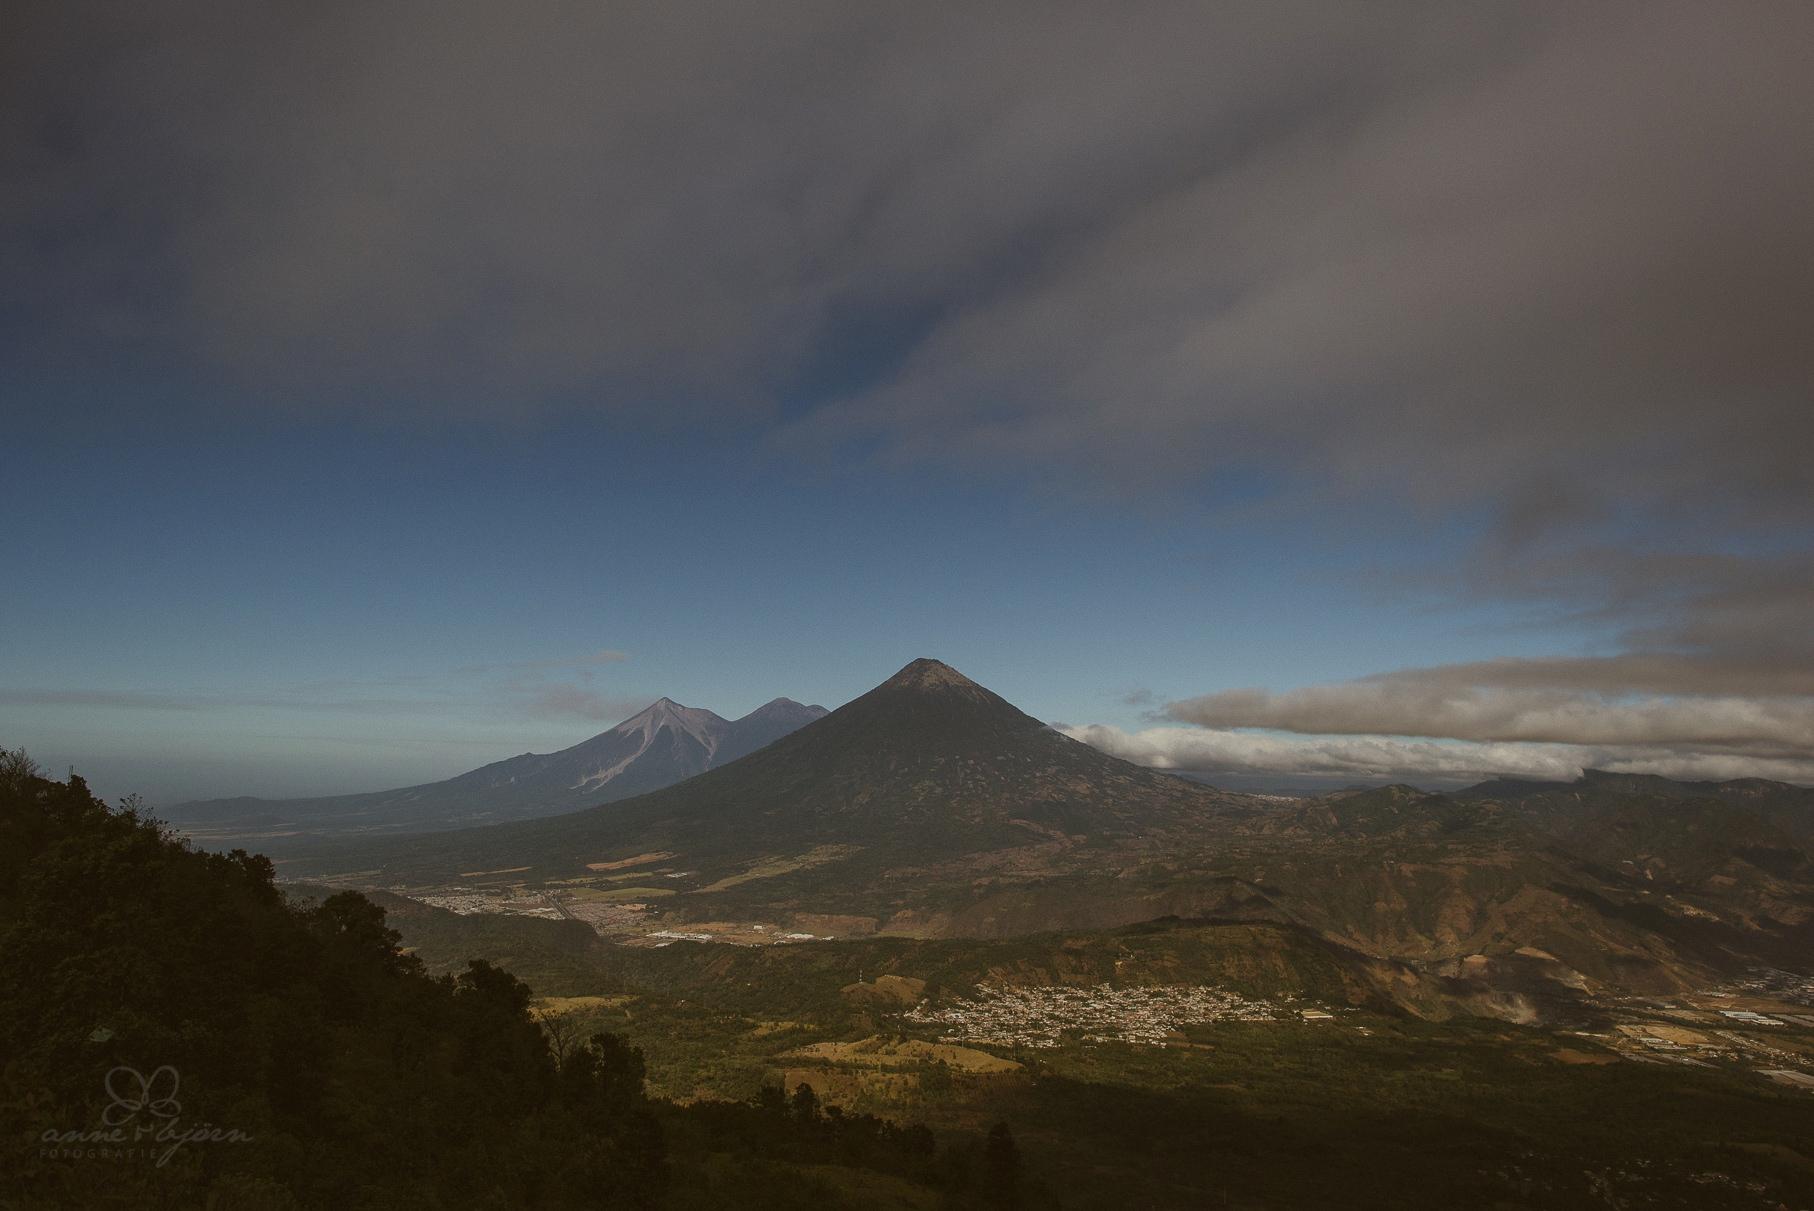 0063 anne und bjoern guatemala d75 9505 - 4 Wochen durch Guatemala - backpacking durch Mittelamerika